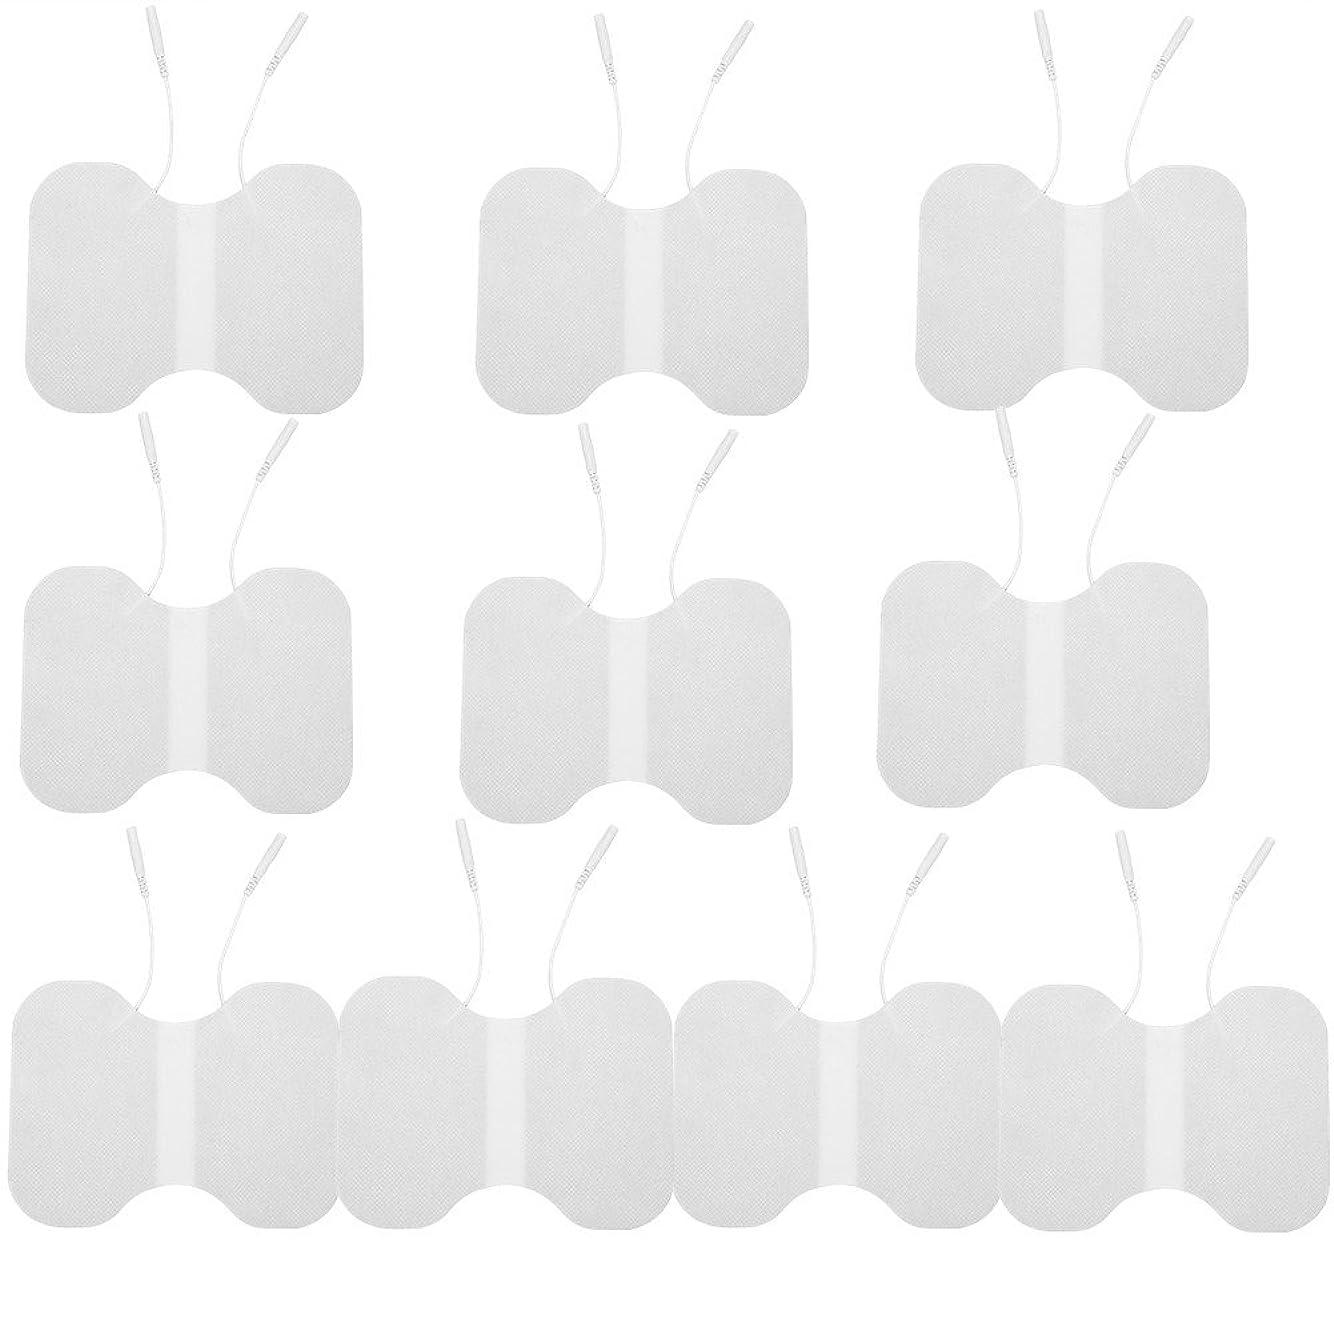 宣言多様性論争電極パッド、1Pc再利用可能な自己接着性電極パッチが体内の循環を改善し代謝を促進する効果